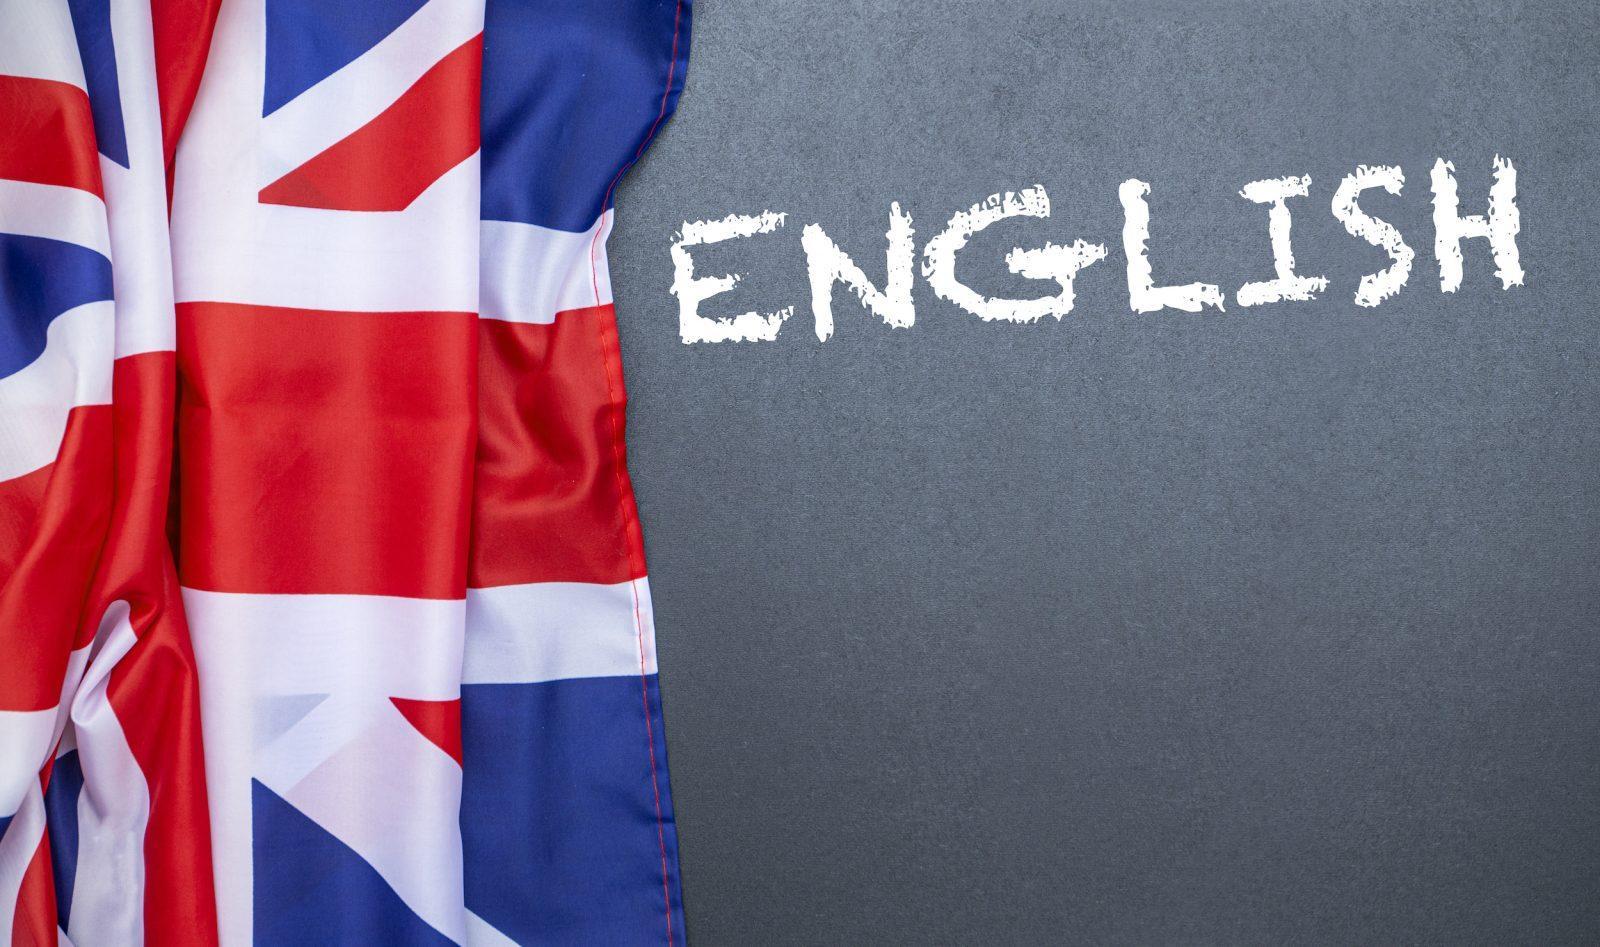 קורס אנגלית למתקדמים – מה חשוב שנדע ונכיר לפני שאנחנו מתחילים